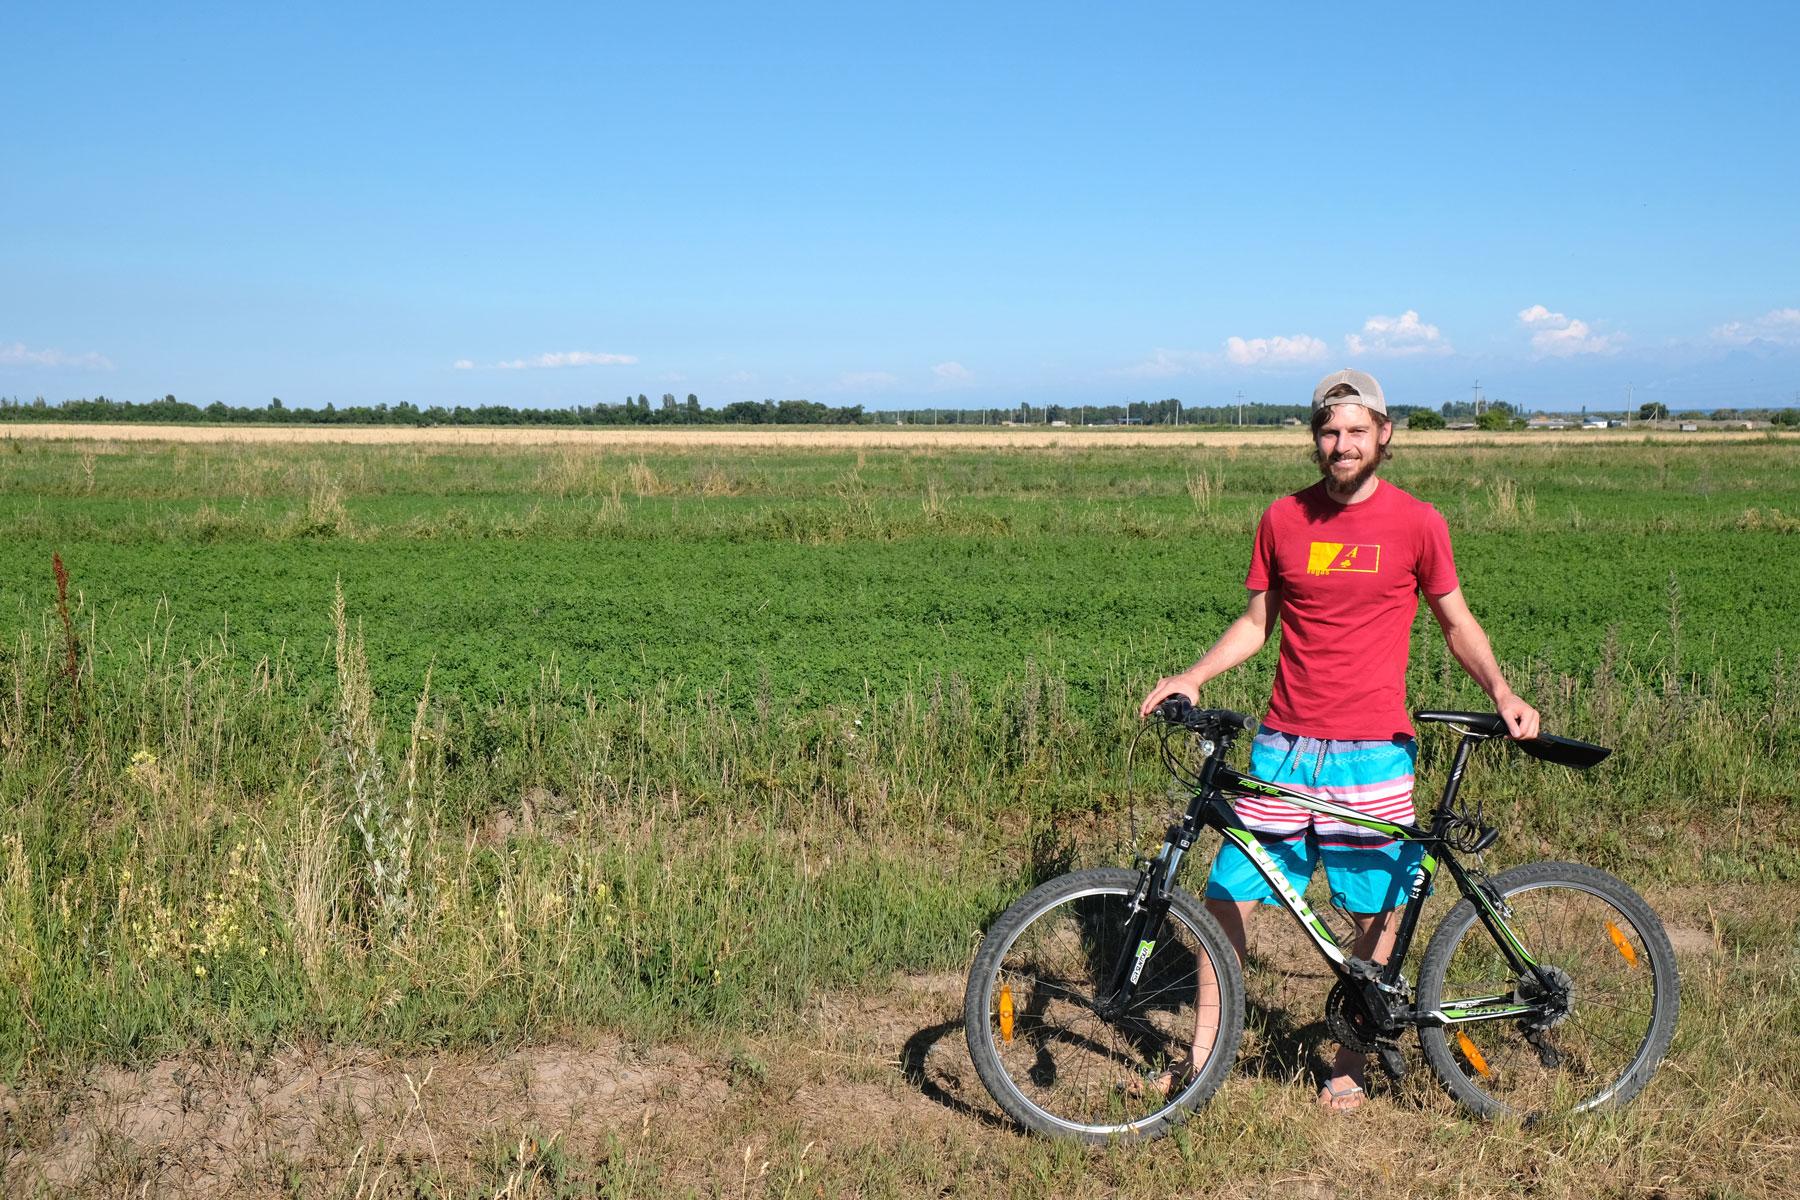 An unserem letzten Tag wagen wir uns noch einmal auf die Mountainbikes und fahren in Richtung See.